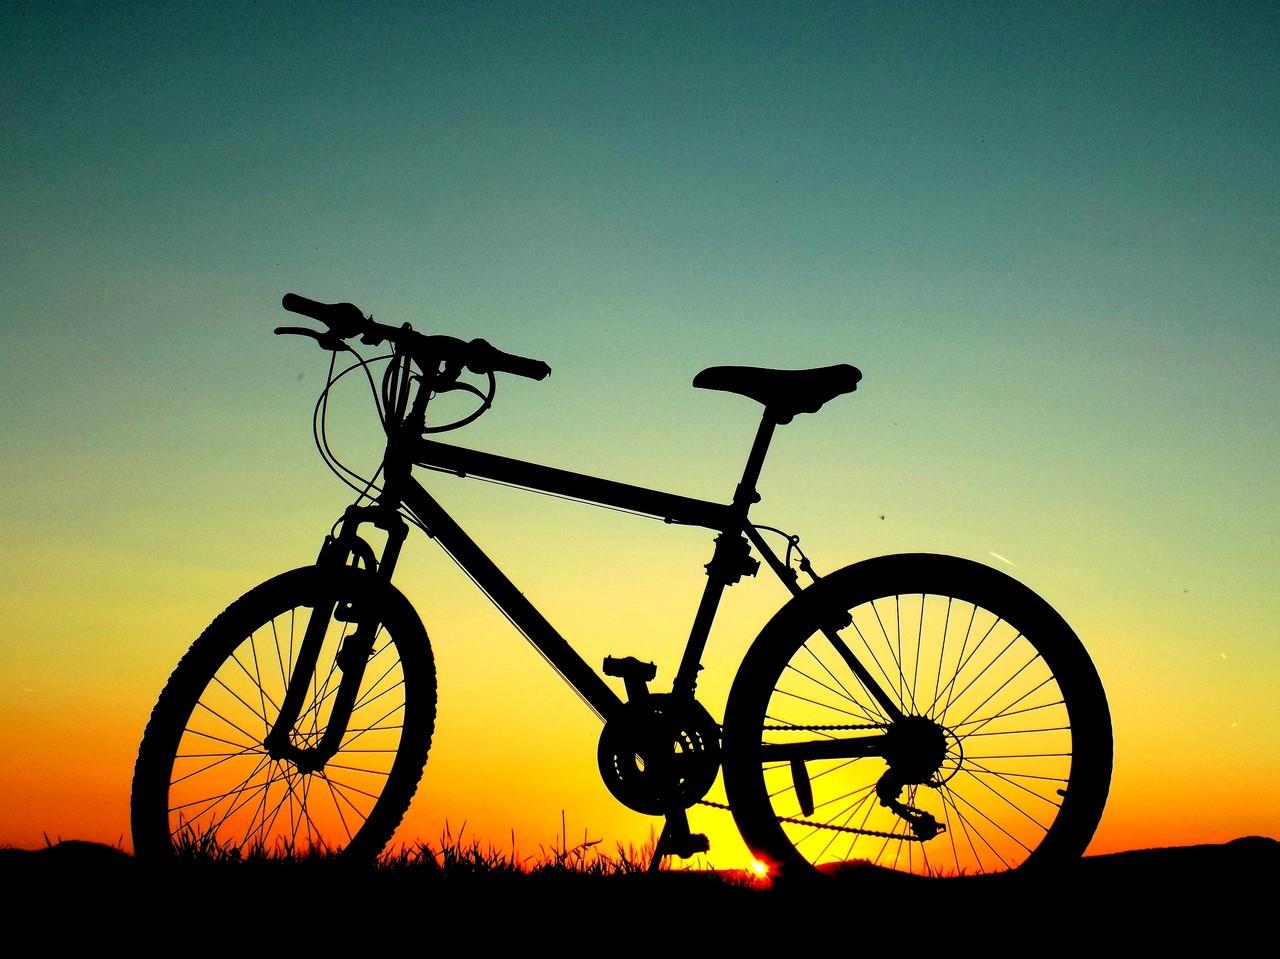 中国自行车风靡全球 自行车热能否持续